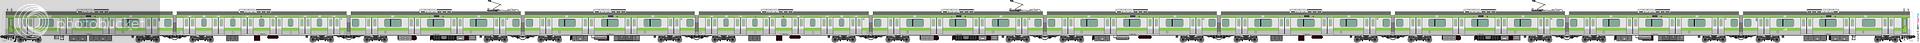 [5519] 東日本旅客鉄道 1919